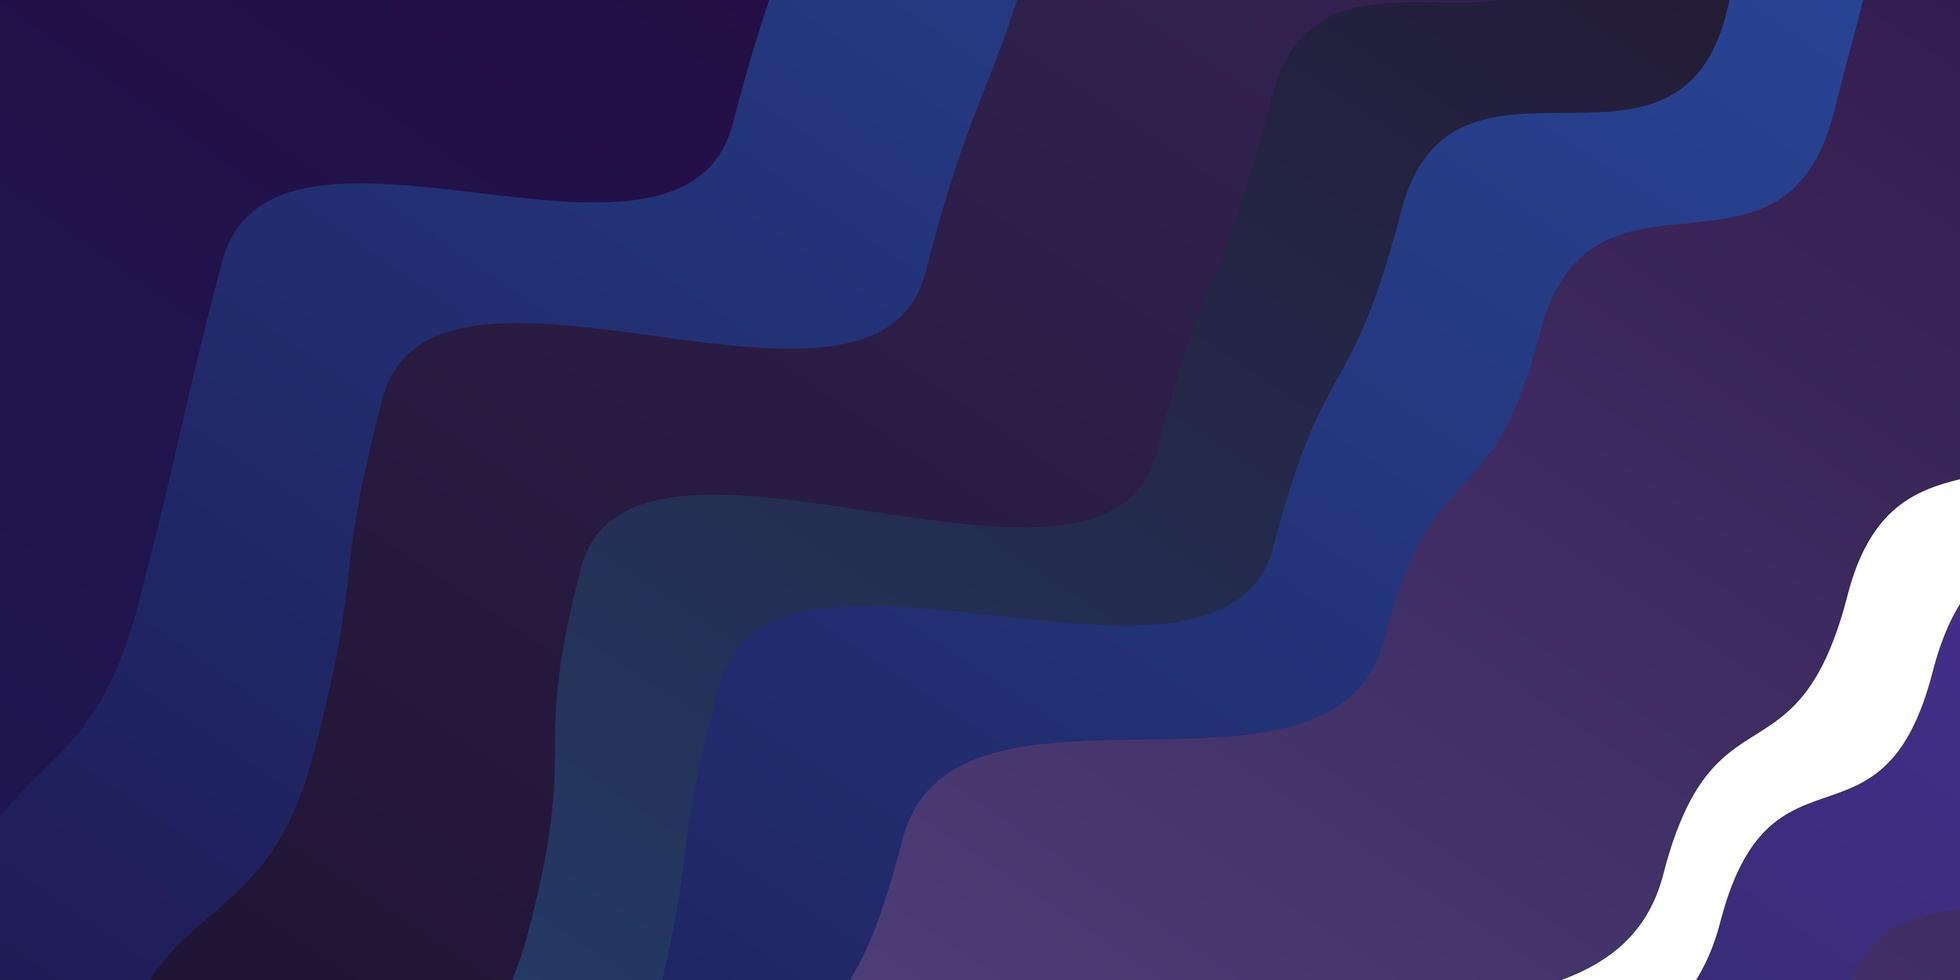 mörk lila vektormall med kurvor. vektor